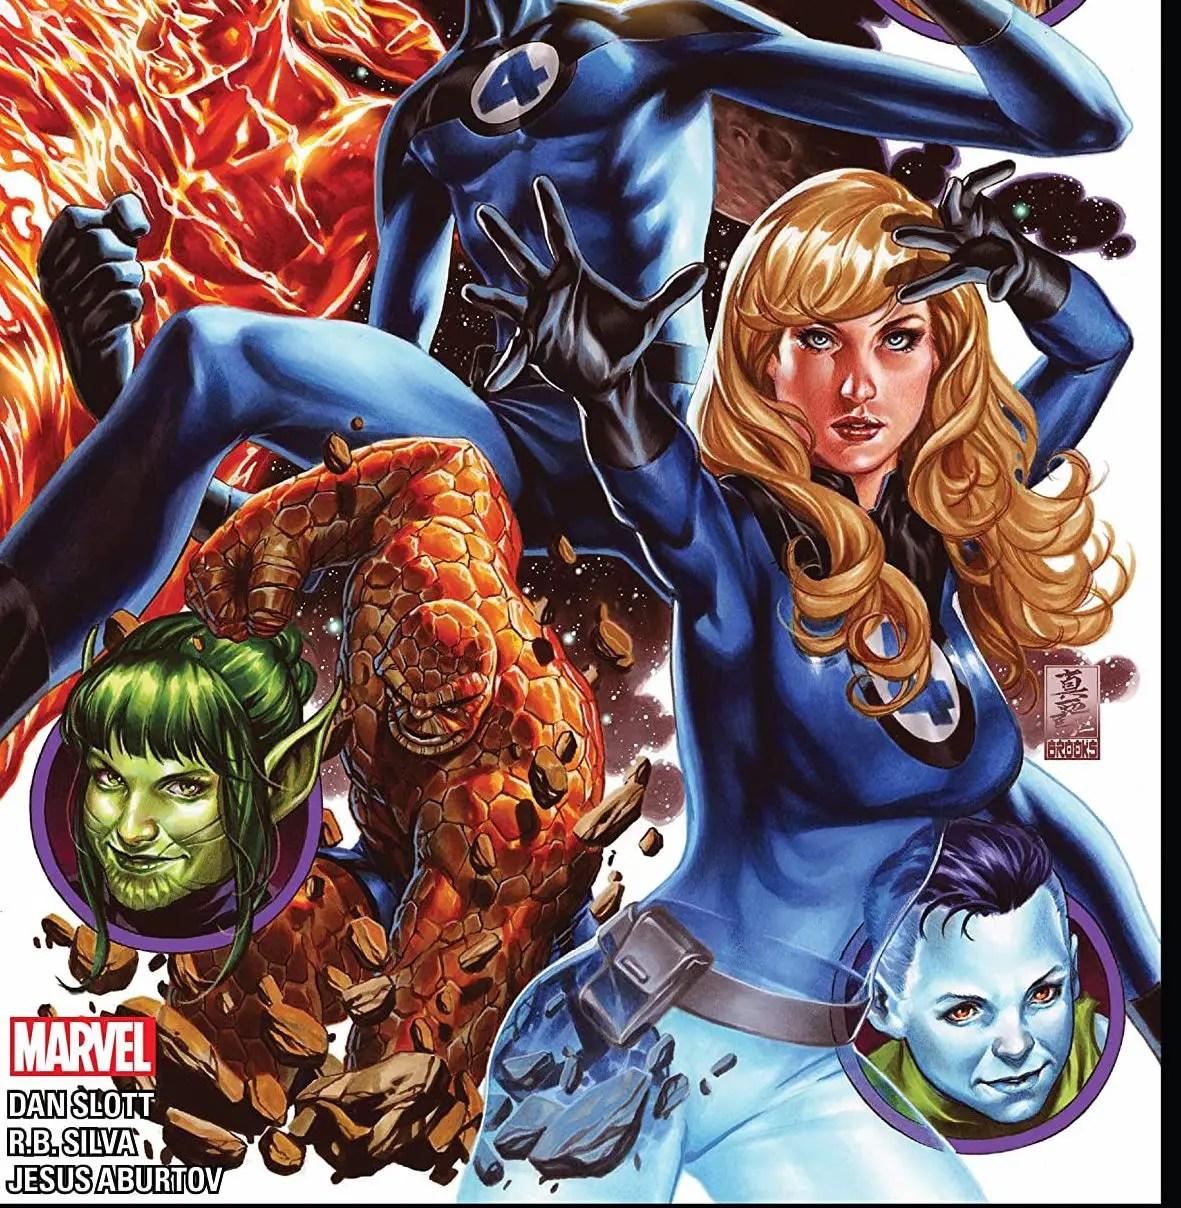 'Fantastic Four' #25 review